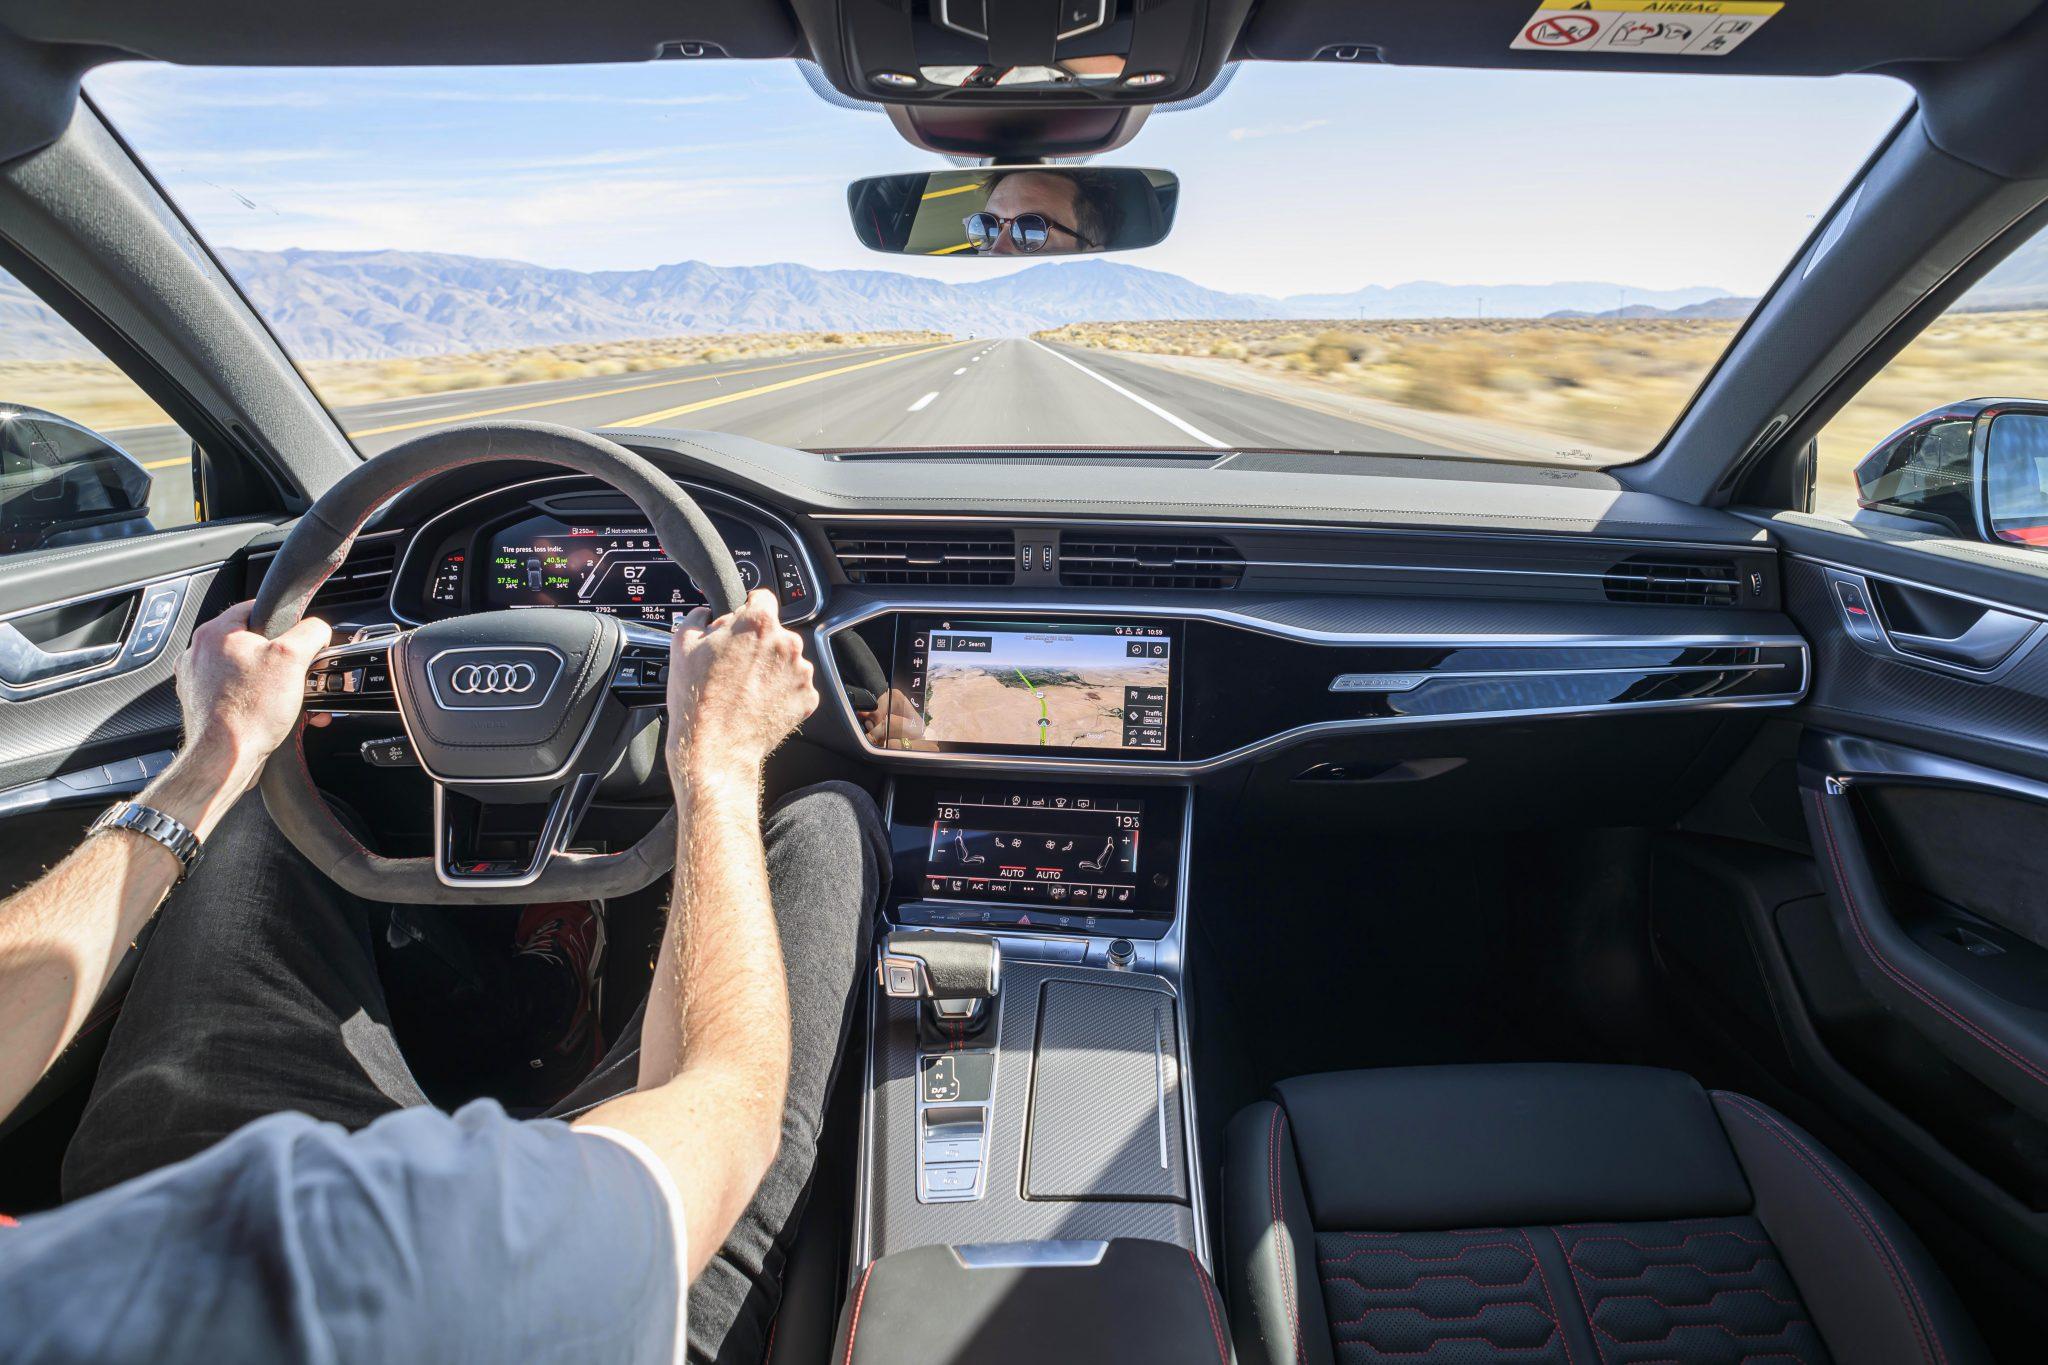 Audi RS 6 interieur dashboard